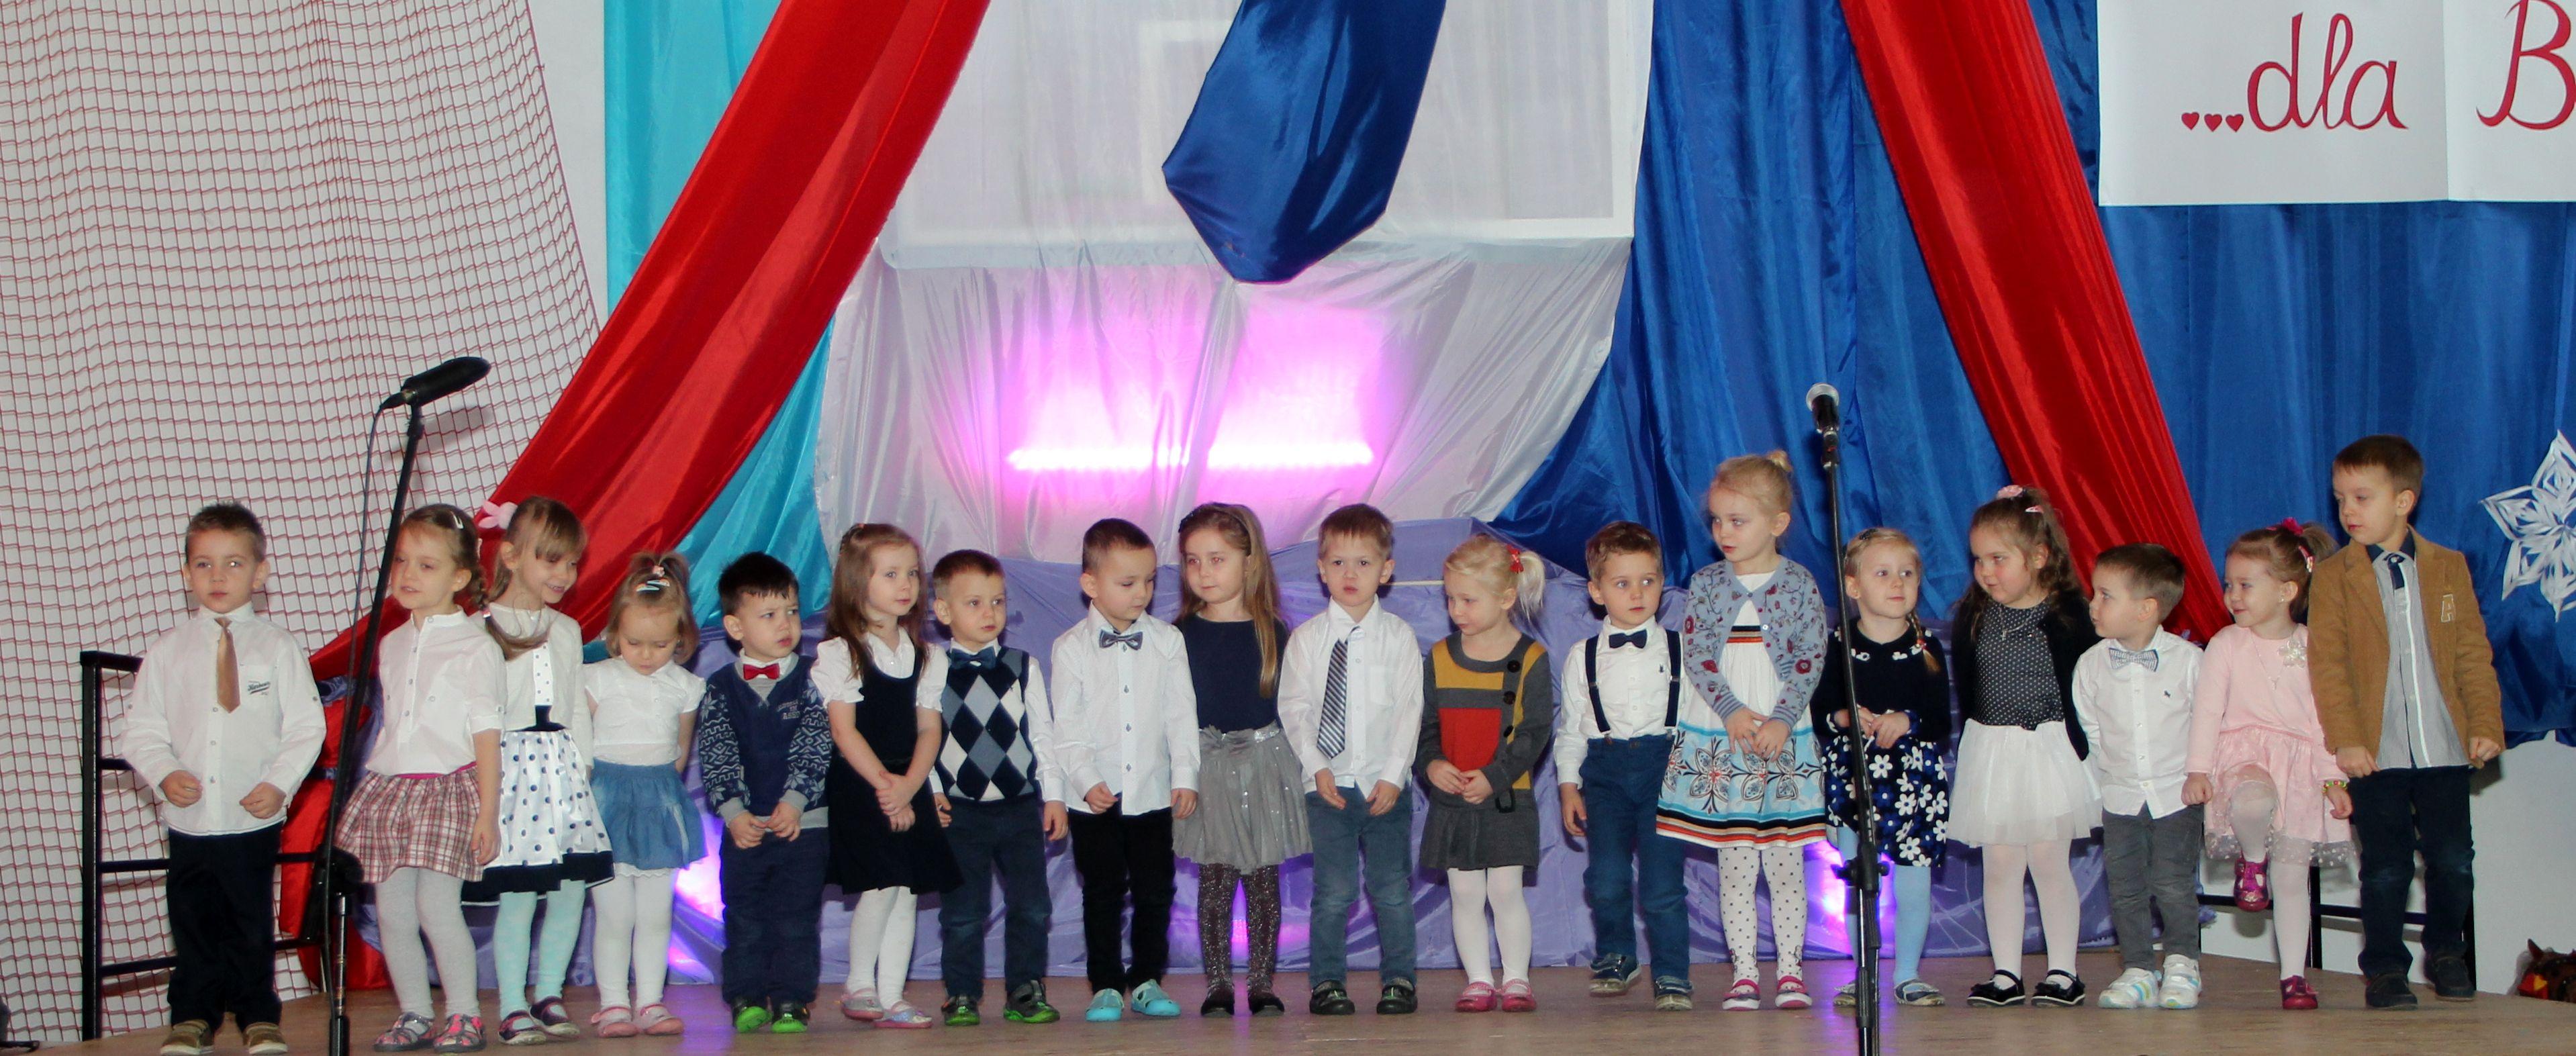 Dzień Babci i Dziadka w Szkole Podstawowej w Pasierbcu - zdjęcie główne